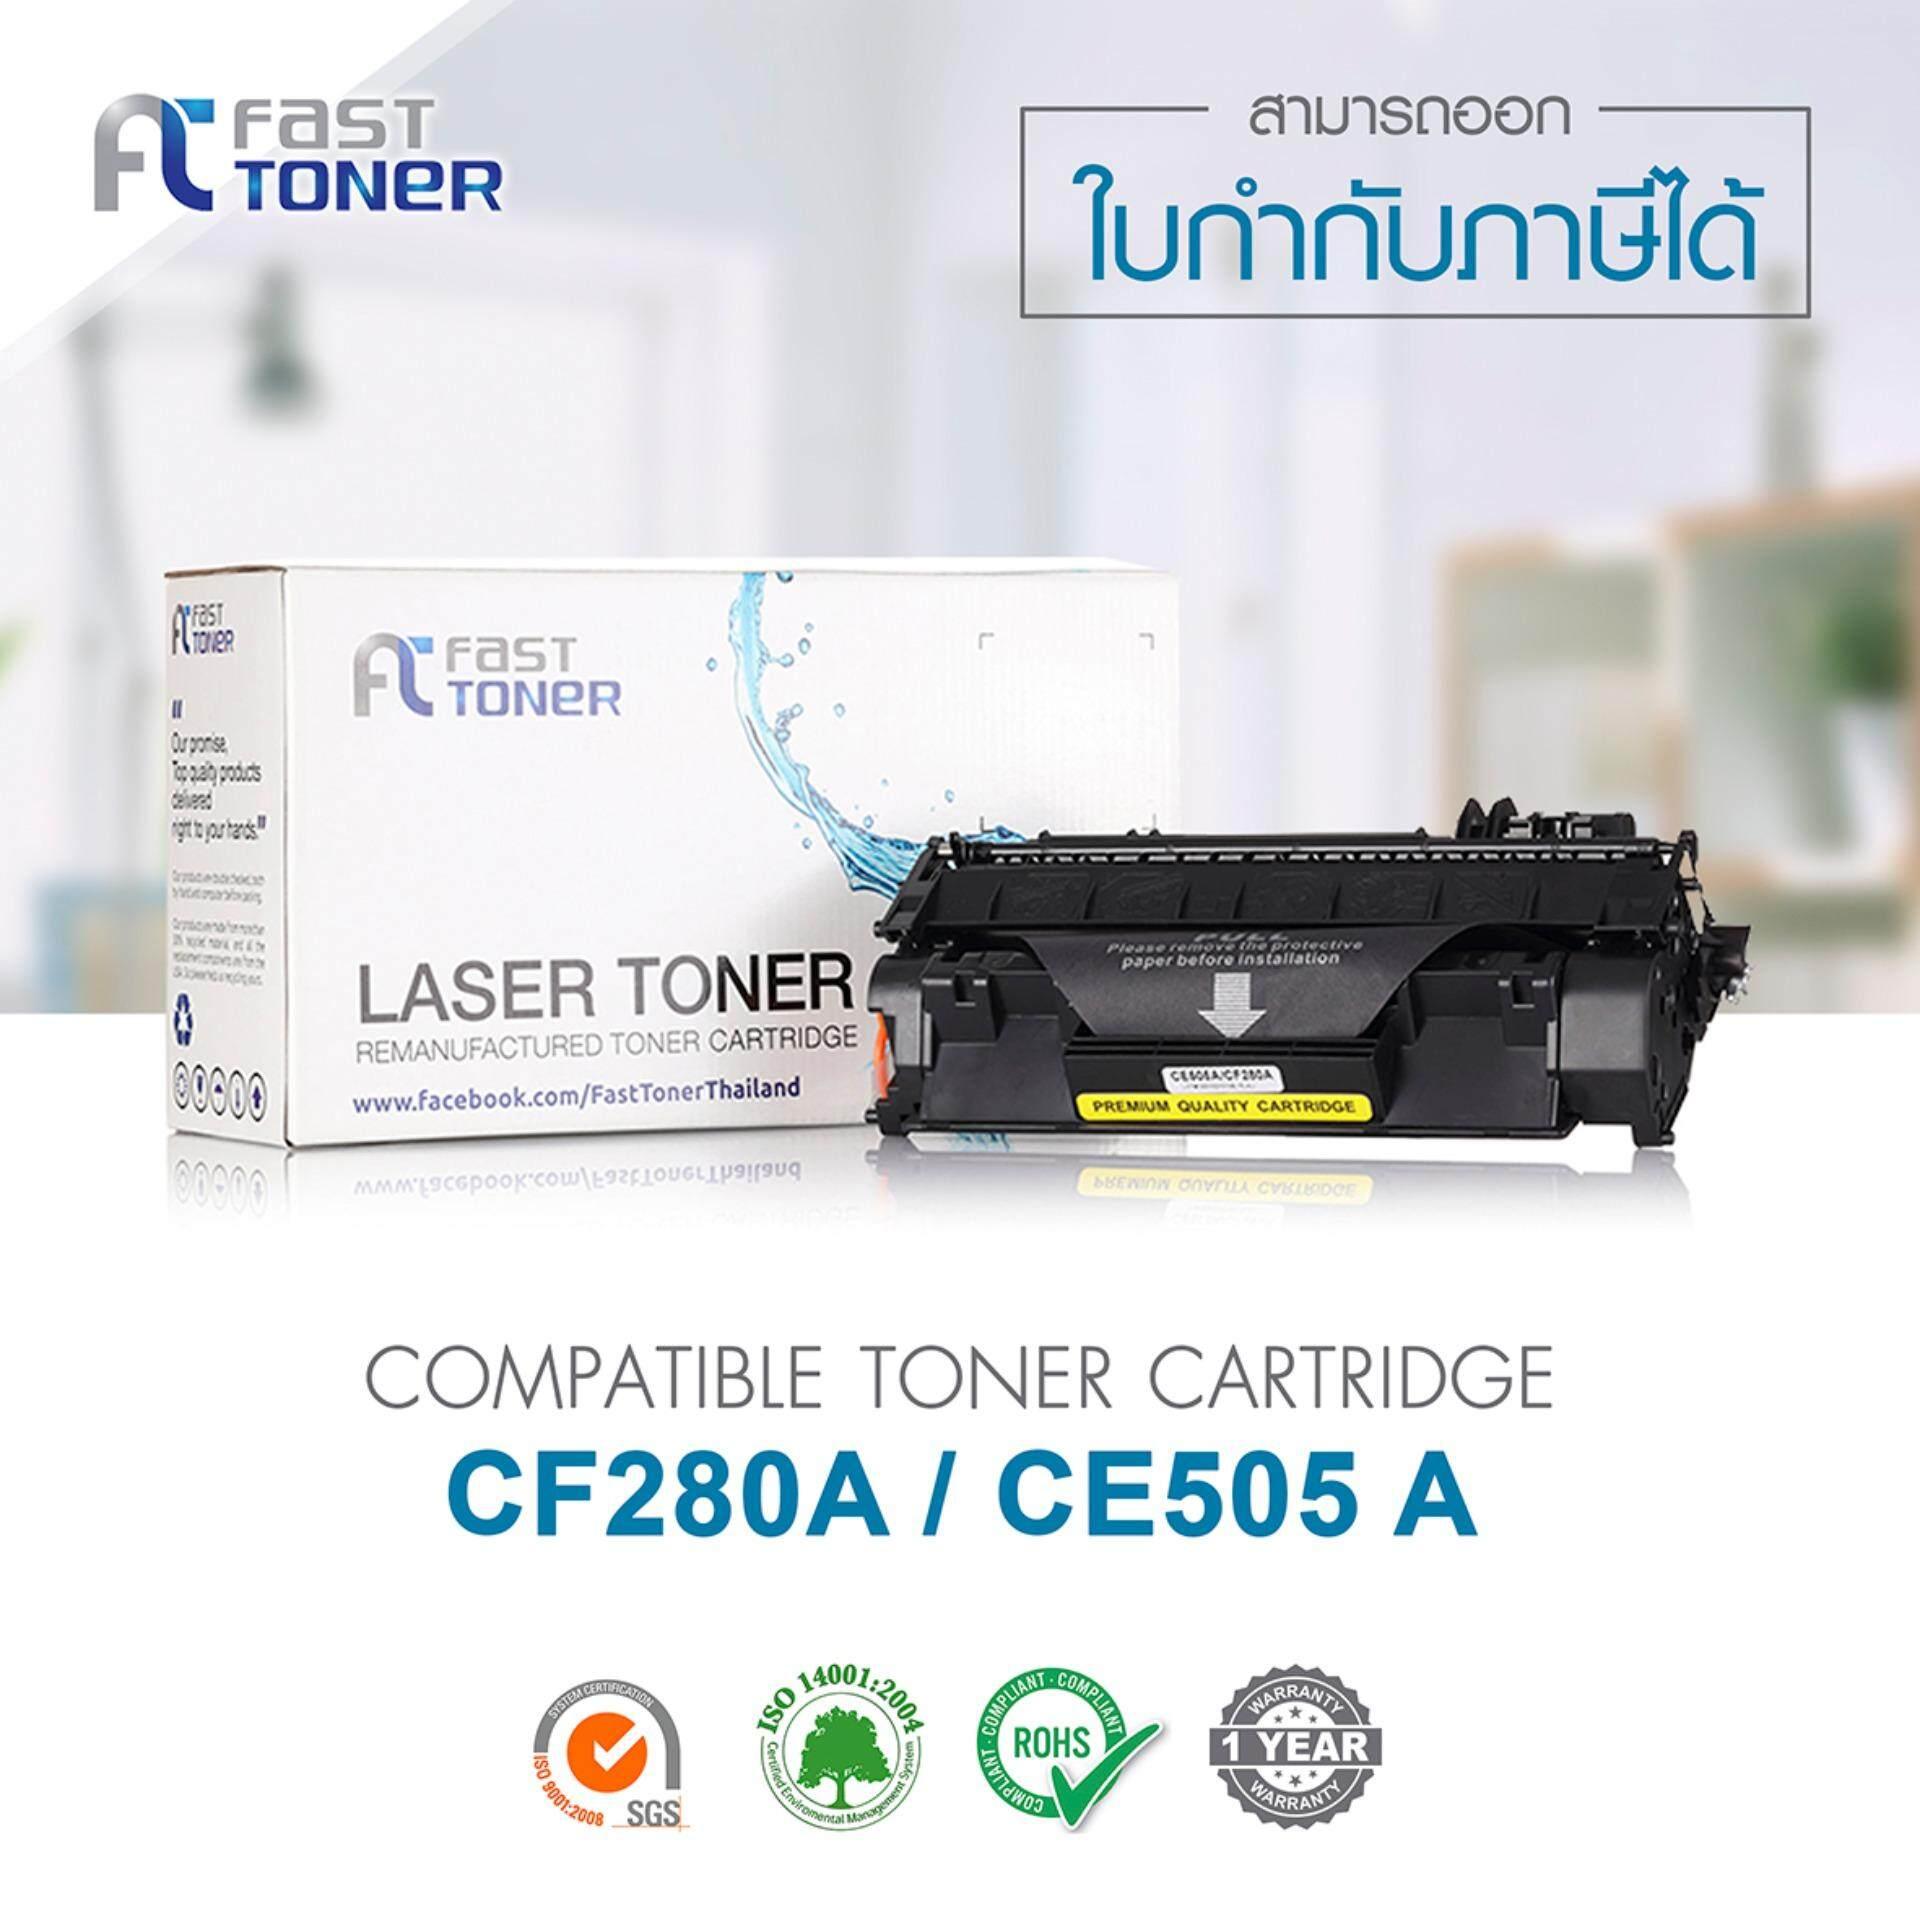 ขาย Hp หมึกพิมพ์ Toner รุ่น Ce505A Black 2 7K กรุงเทพมหานคร ถูก